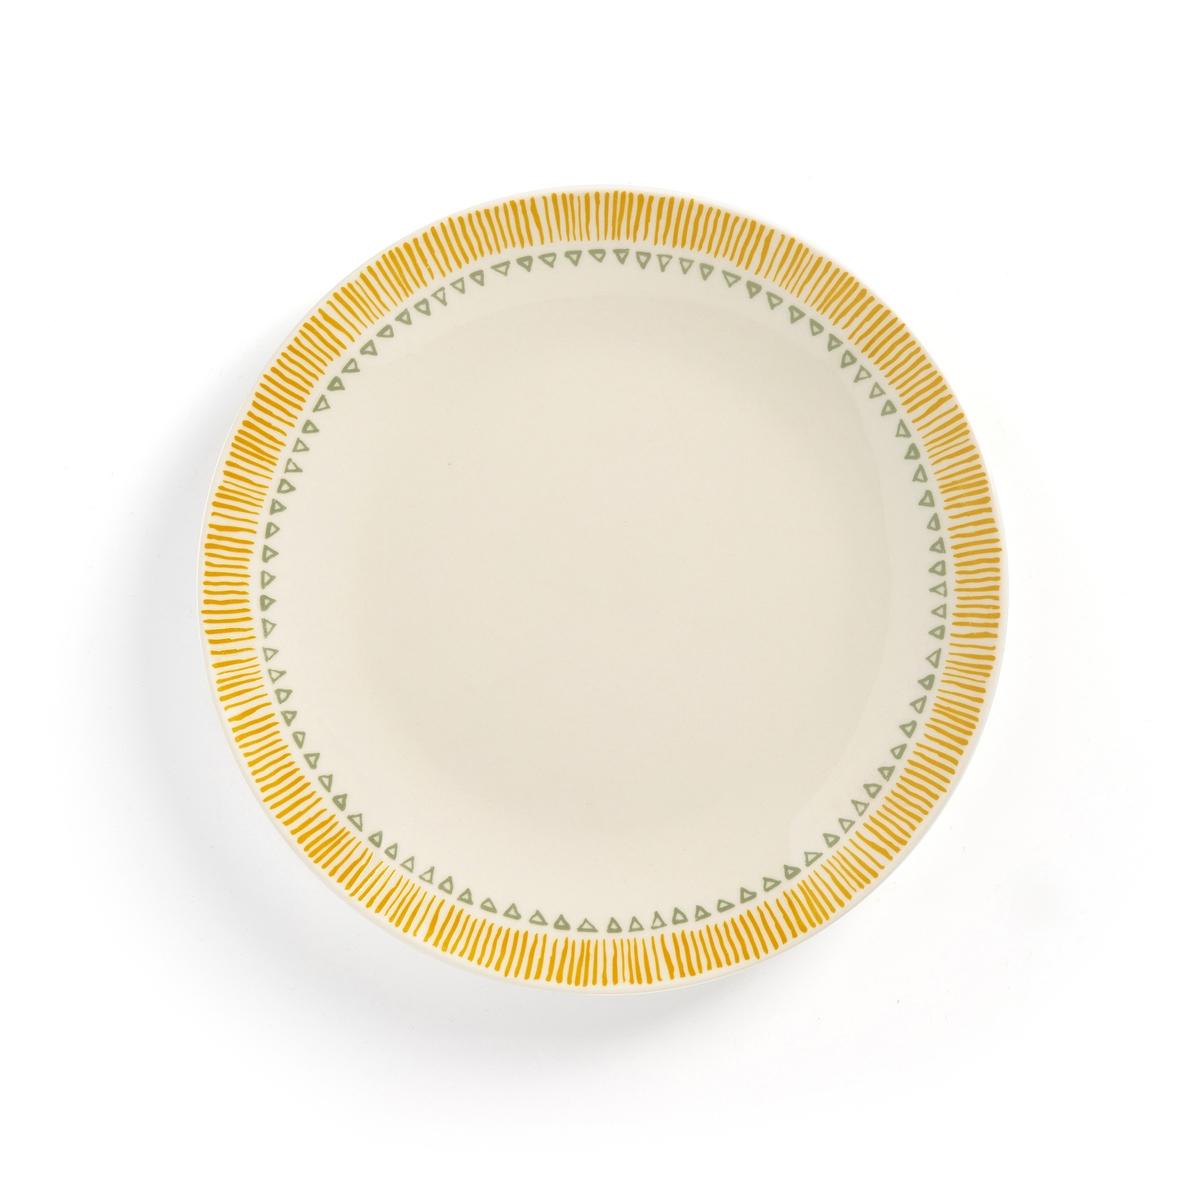 Комплект из десертных тарелок La Redoute IRUN единый размер другие комплект из 4 десертных тарелок sam baron